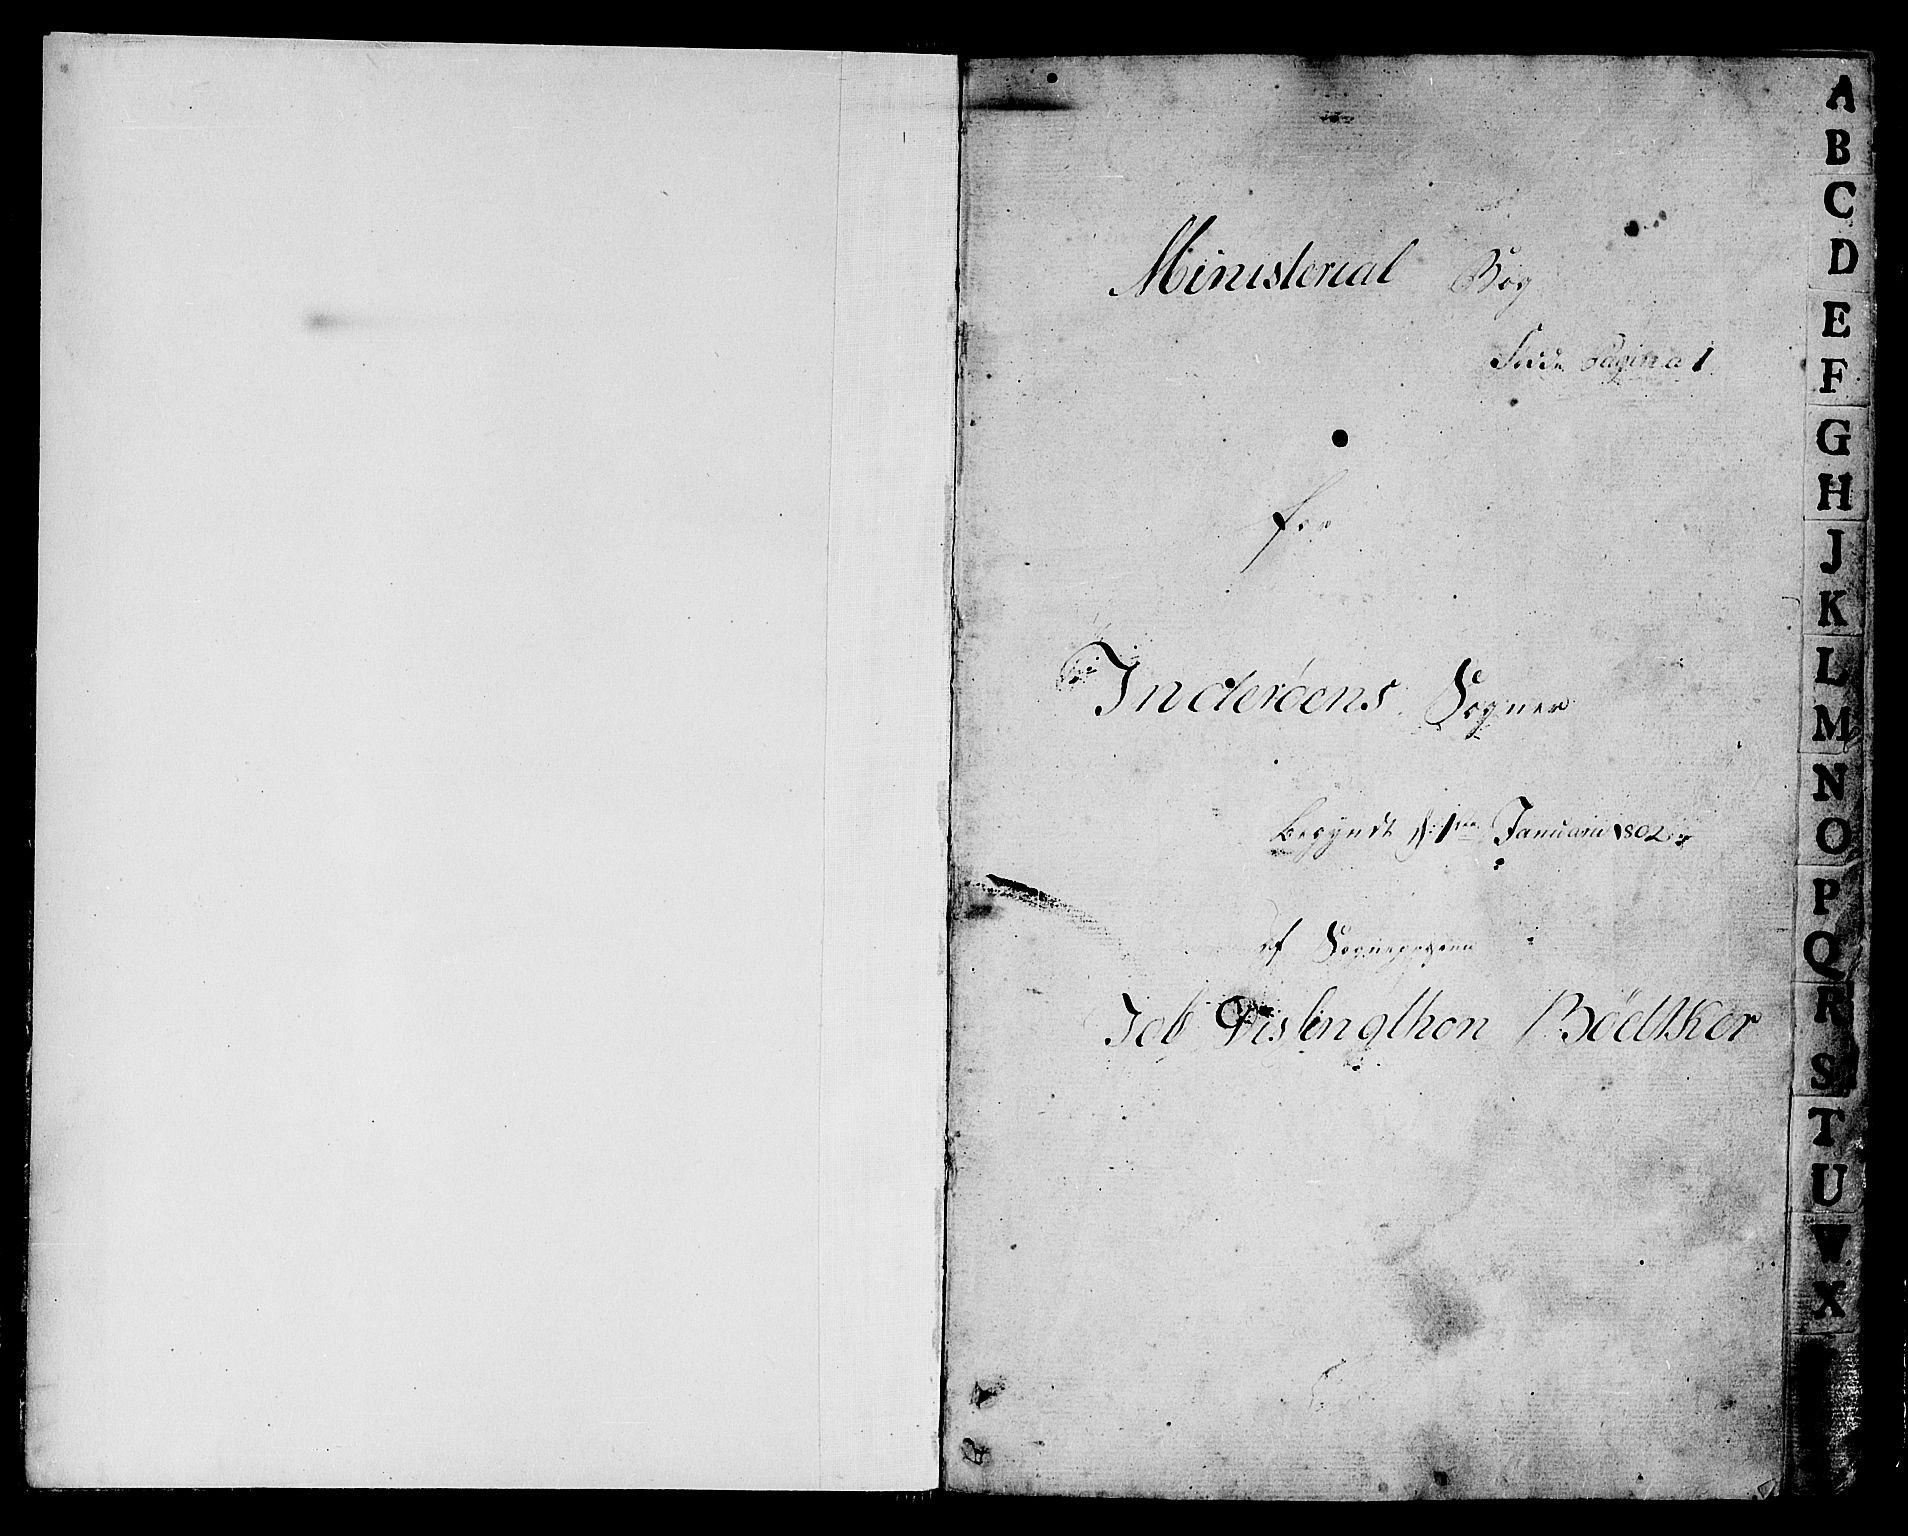 SAT, Ministerialprotokoller, klokkerbøker og fødselsregistre - Nord-Trøndelag, 730/L0274: Parish register (official) no. 730A03, 1802-1816